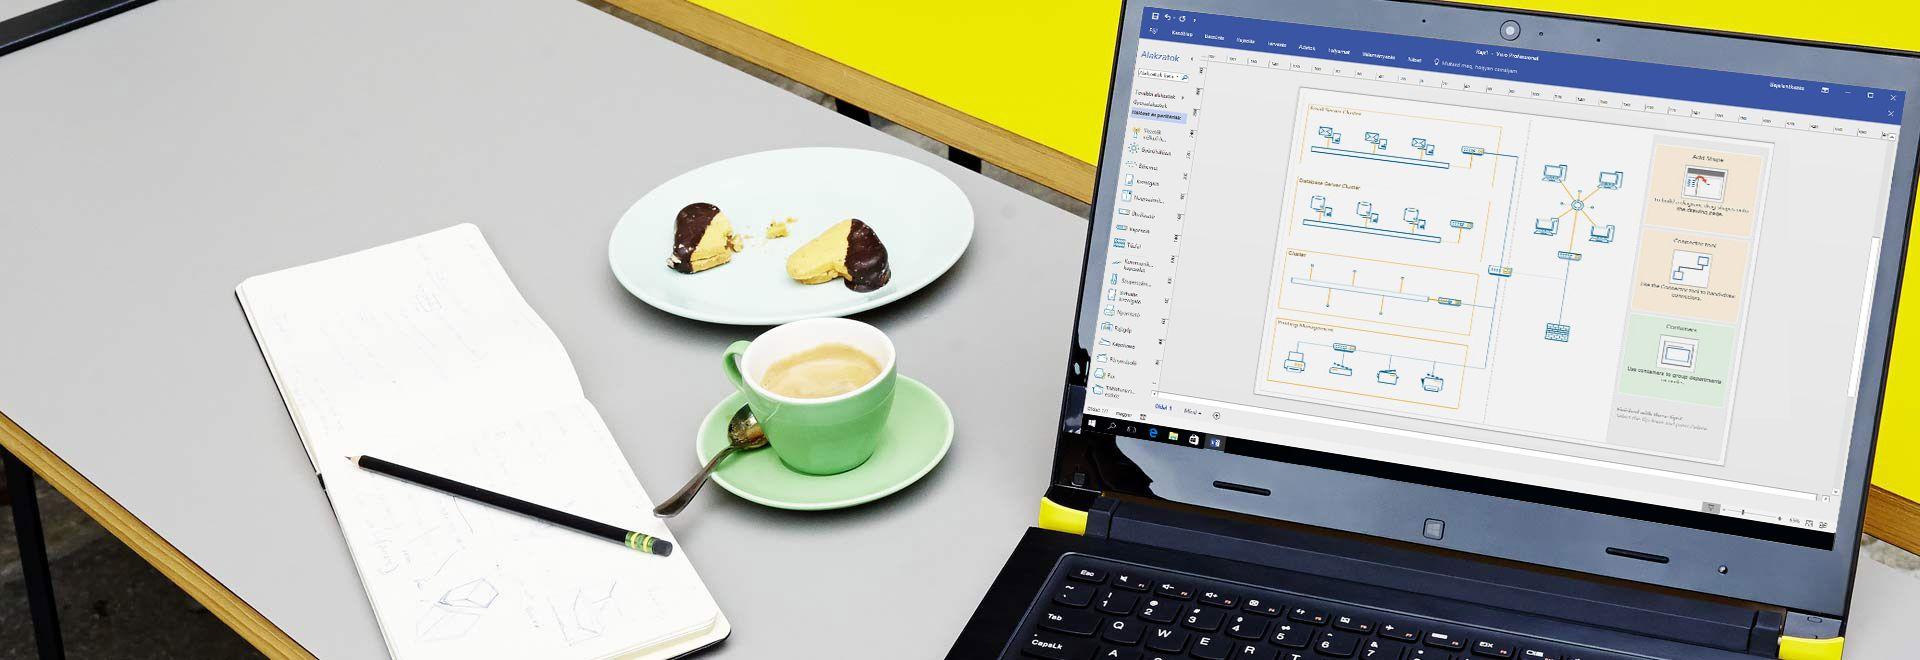 Közelkép egy asztalon fekvő laptopról, amelyen egy Visio-diagram, illetve a Szerkesztés menüszalag és munkaablak látható